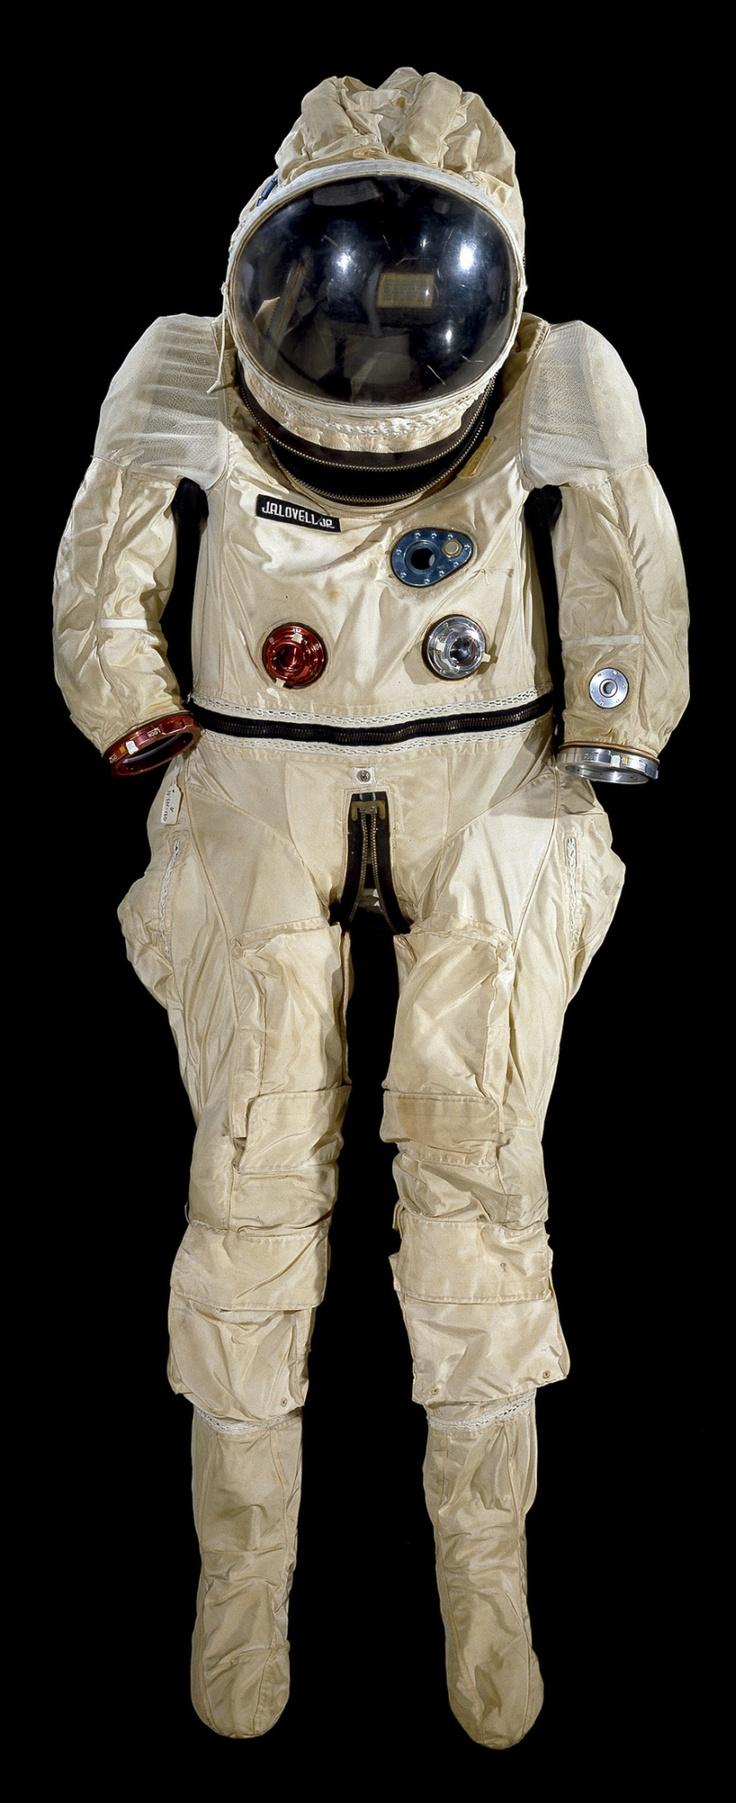 42 best images about NASA on Pinterest | John glenn ...